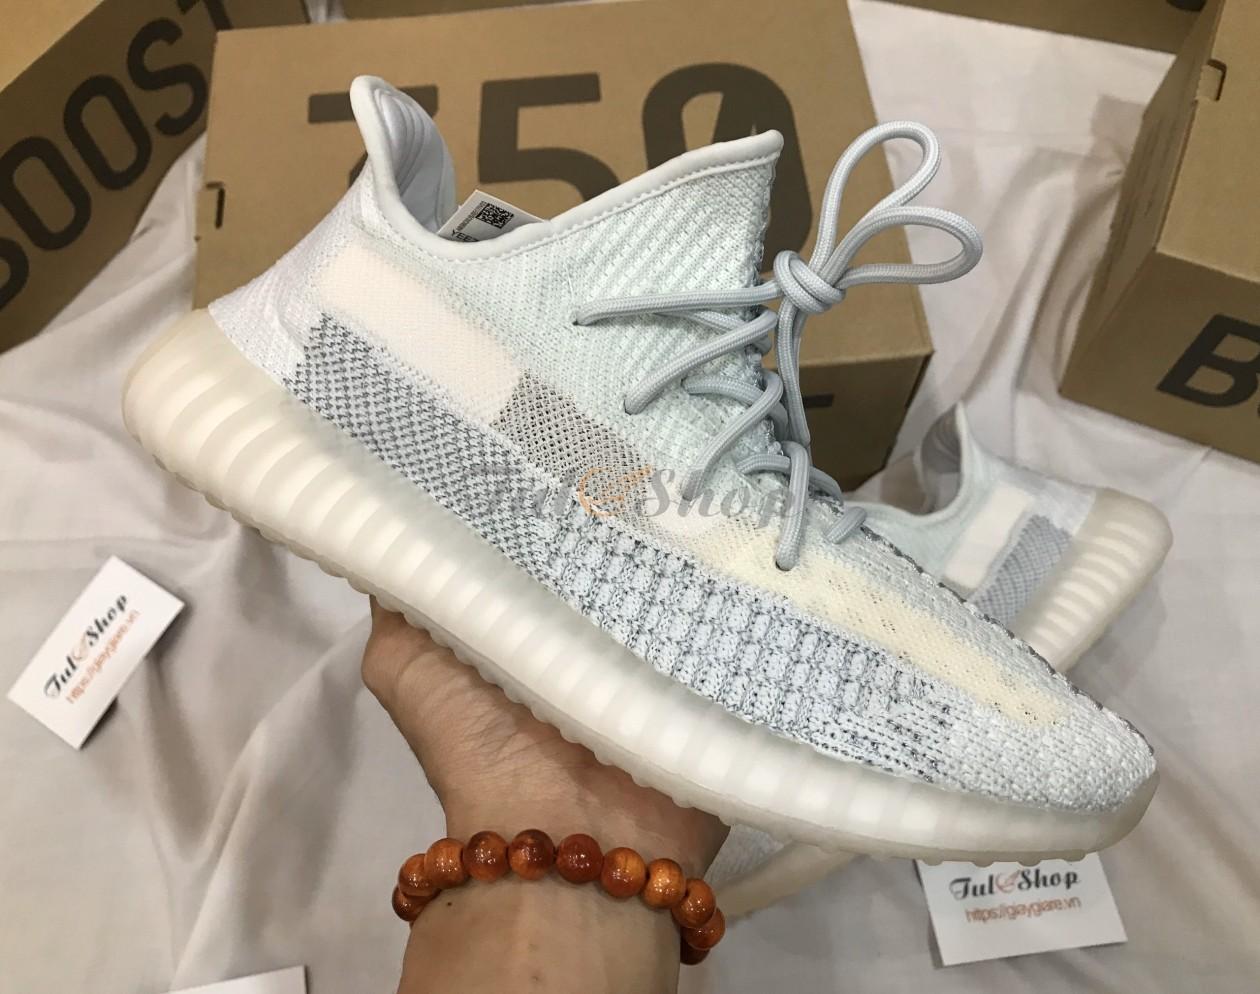 Adidas Yeezy 350 V2 Cloud White Reflective Nam Nữ 1:1